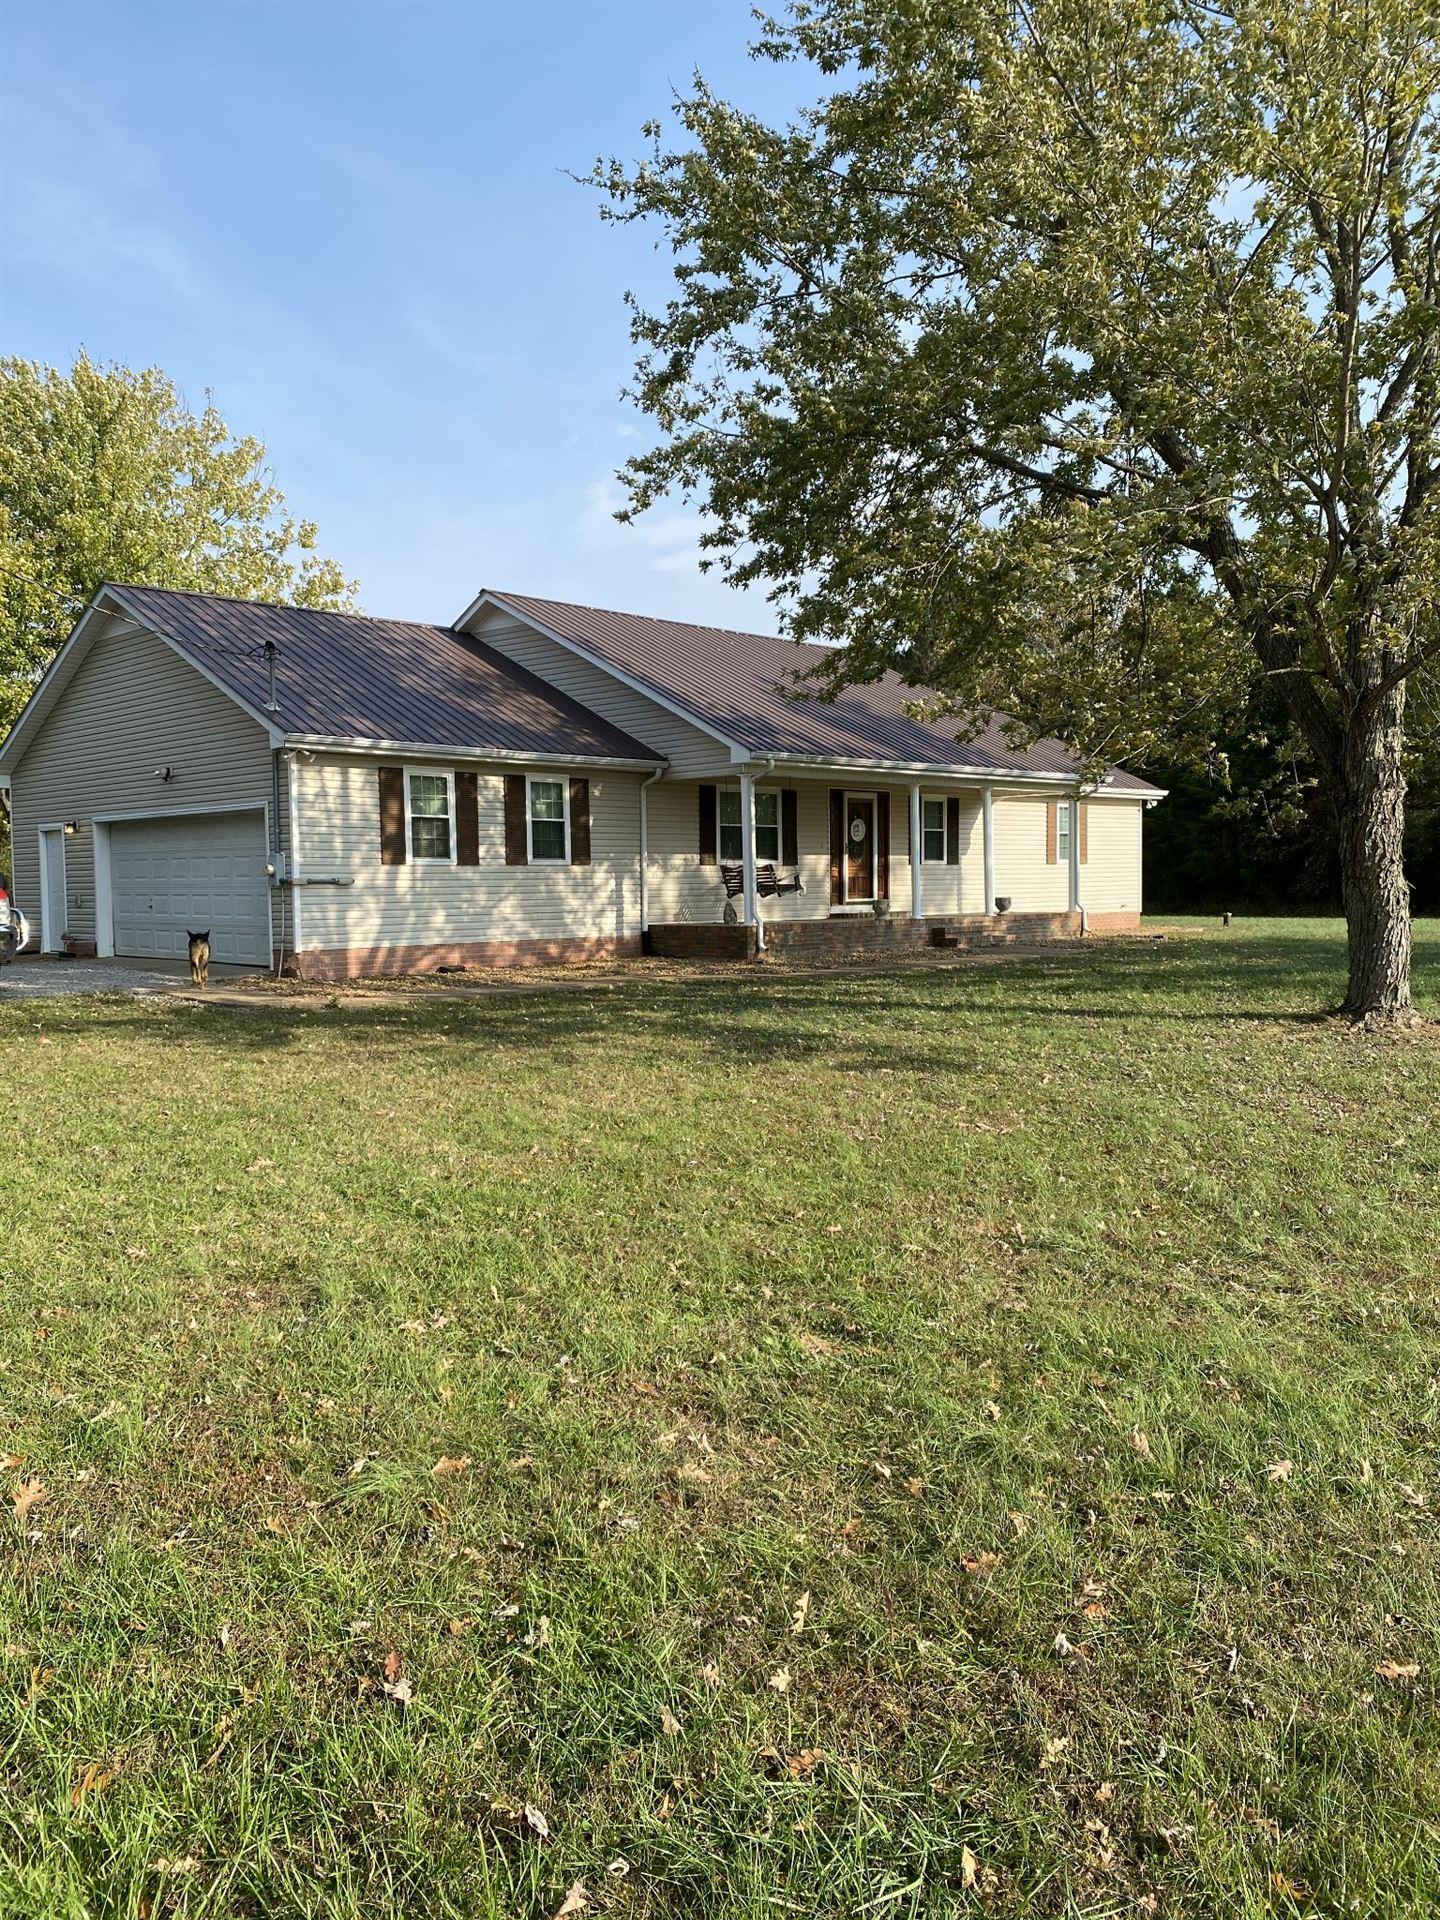 Photo of 148 Buckner Rd, Ethridge, TN 38456 (MLS # 2199873)